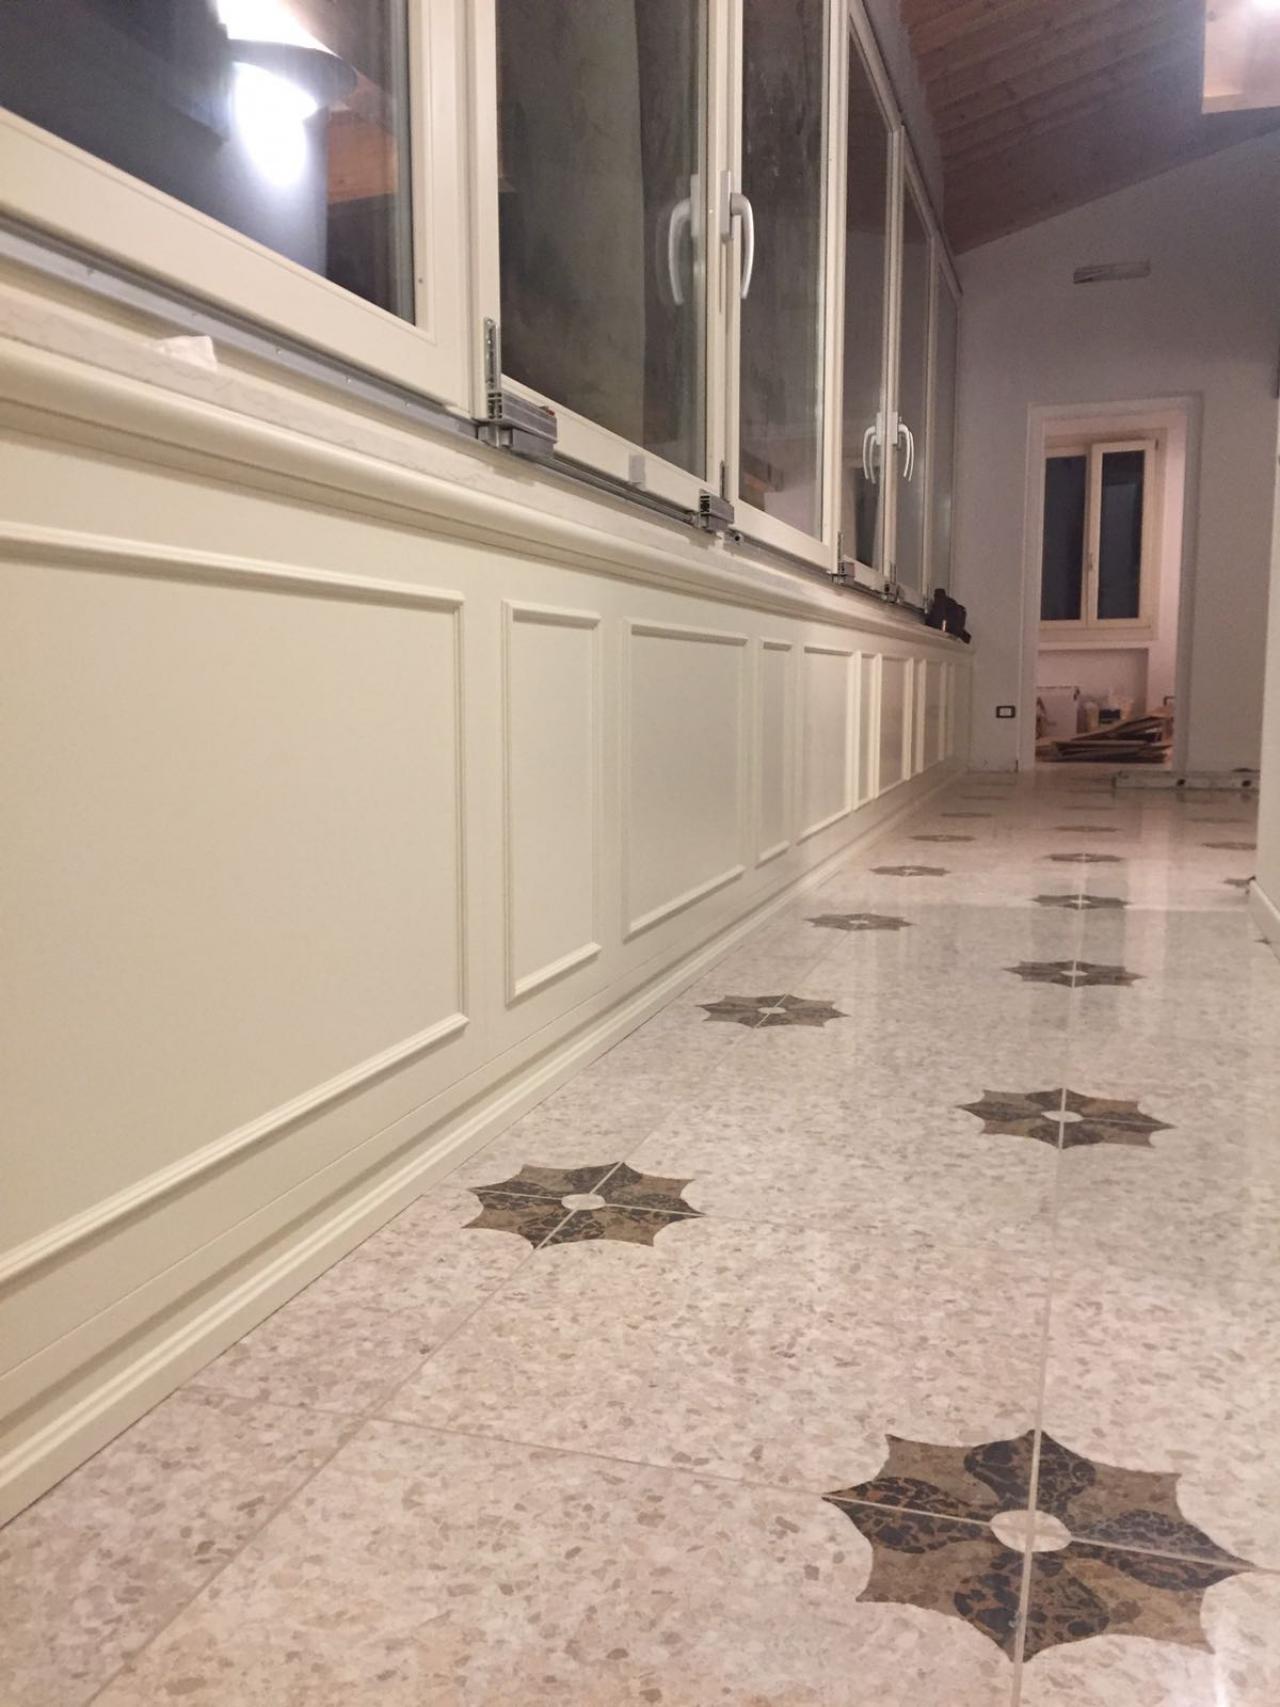 Grès porcellanato levigato: un pavimento lucido a specchio ...